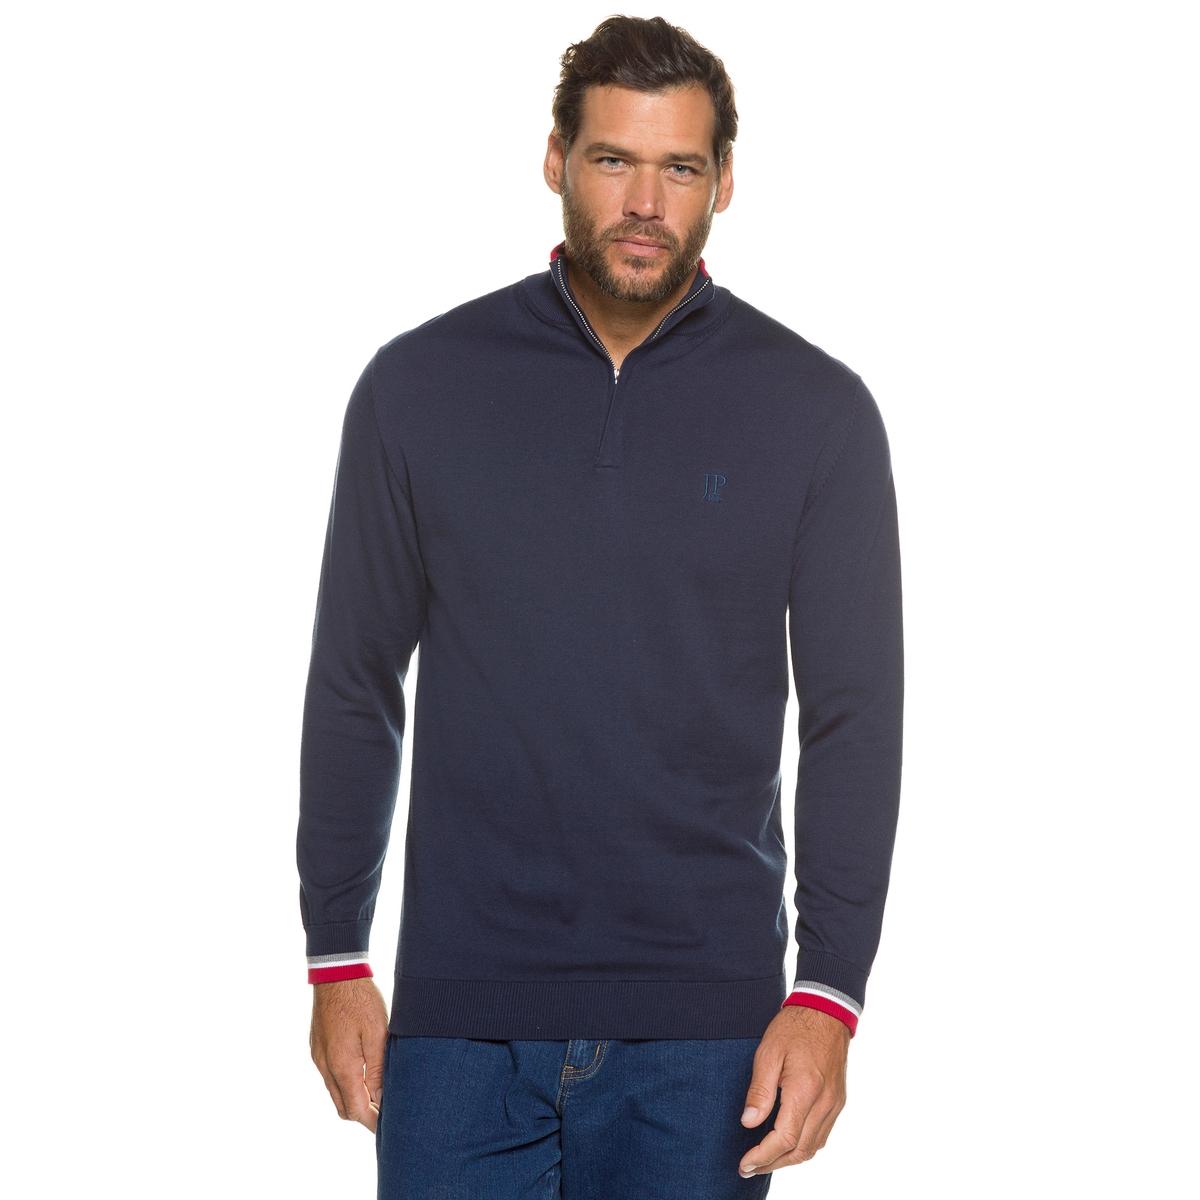 ПуловерПуловер с воротником на молнии JP1880, идеальный пуловер для настоящего мужчины. Рисунок в полоску на воротнике (с потайной застёжкой на молнию) и манжетах. 100% хлопок. Длина в зависимости от размера. 72 - 86 см<br><br>Цвет: синий<br>Размер: 7XL.3XL.5XL.4XL